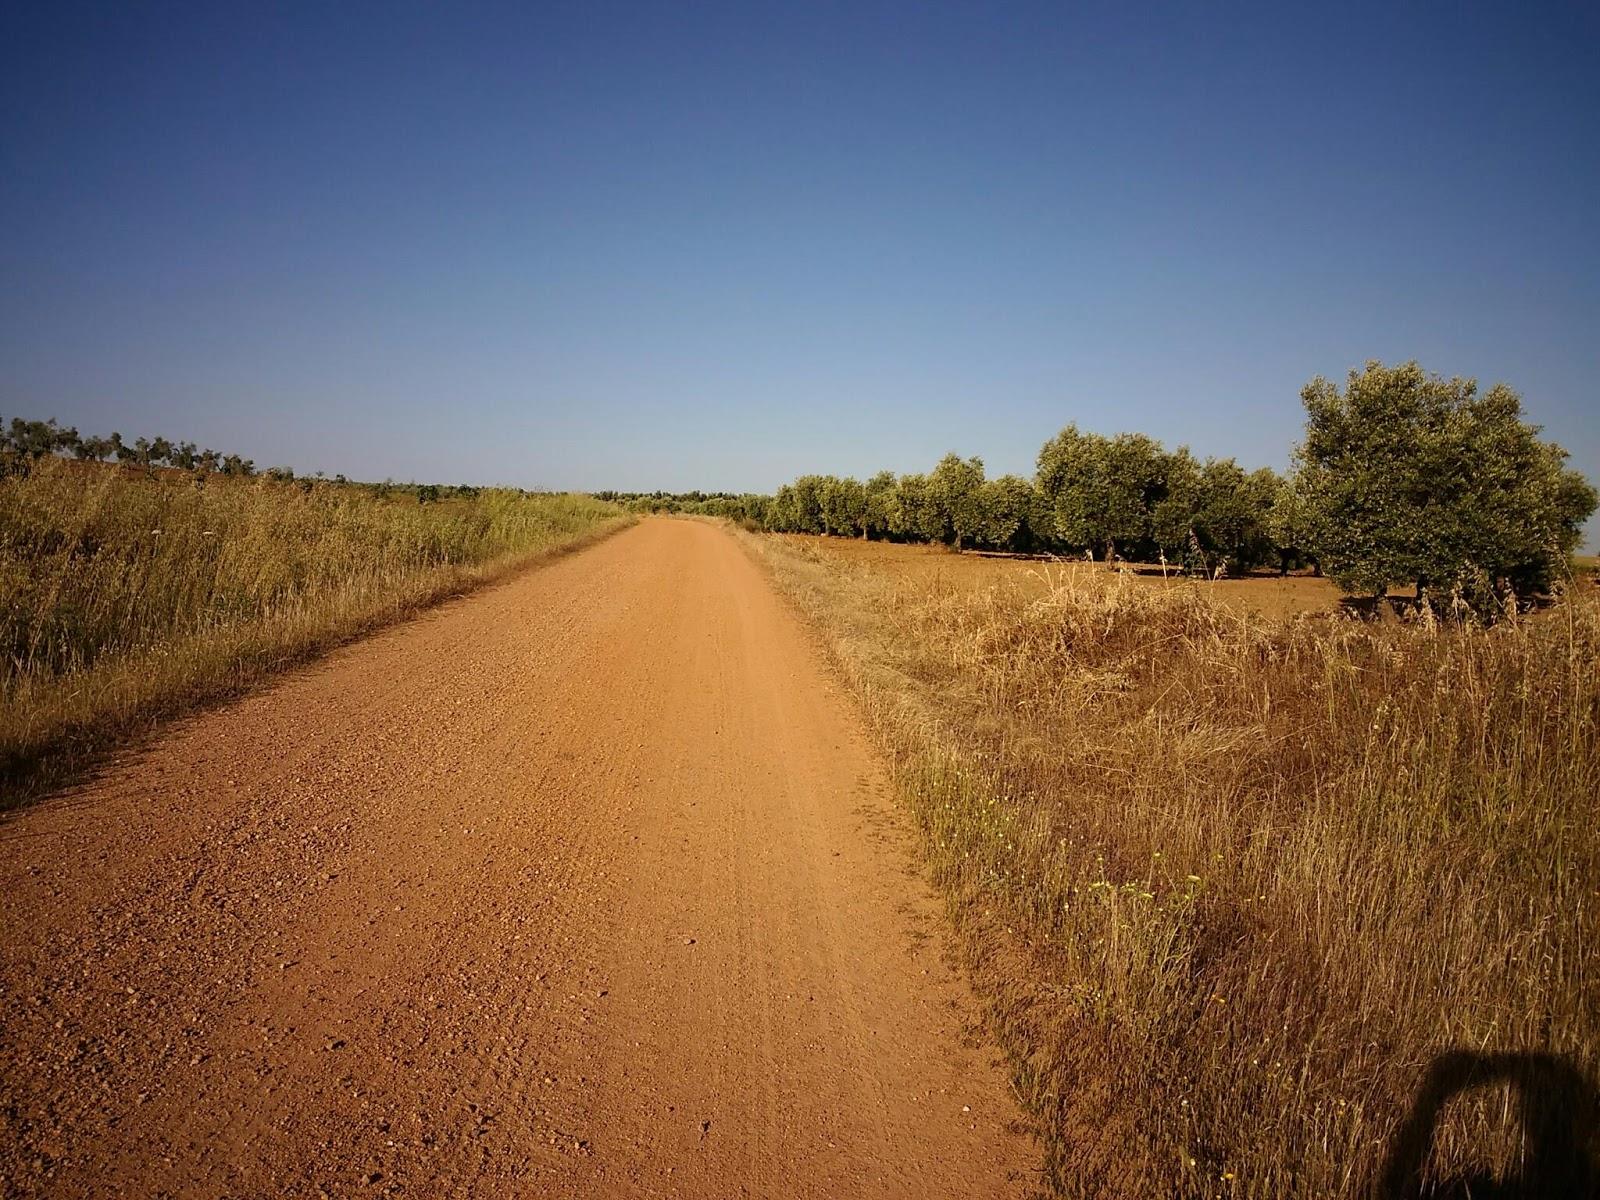 My camino de santiago